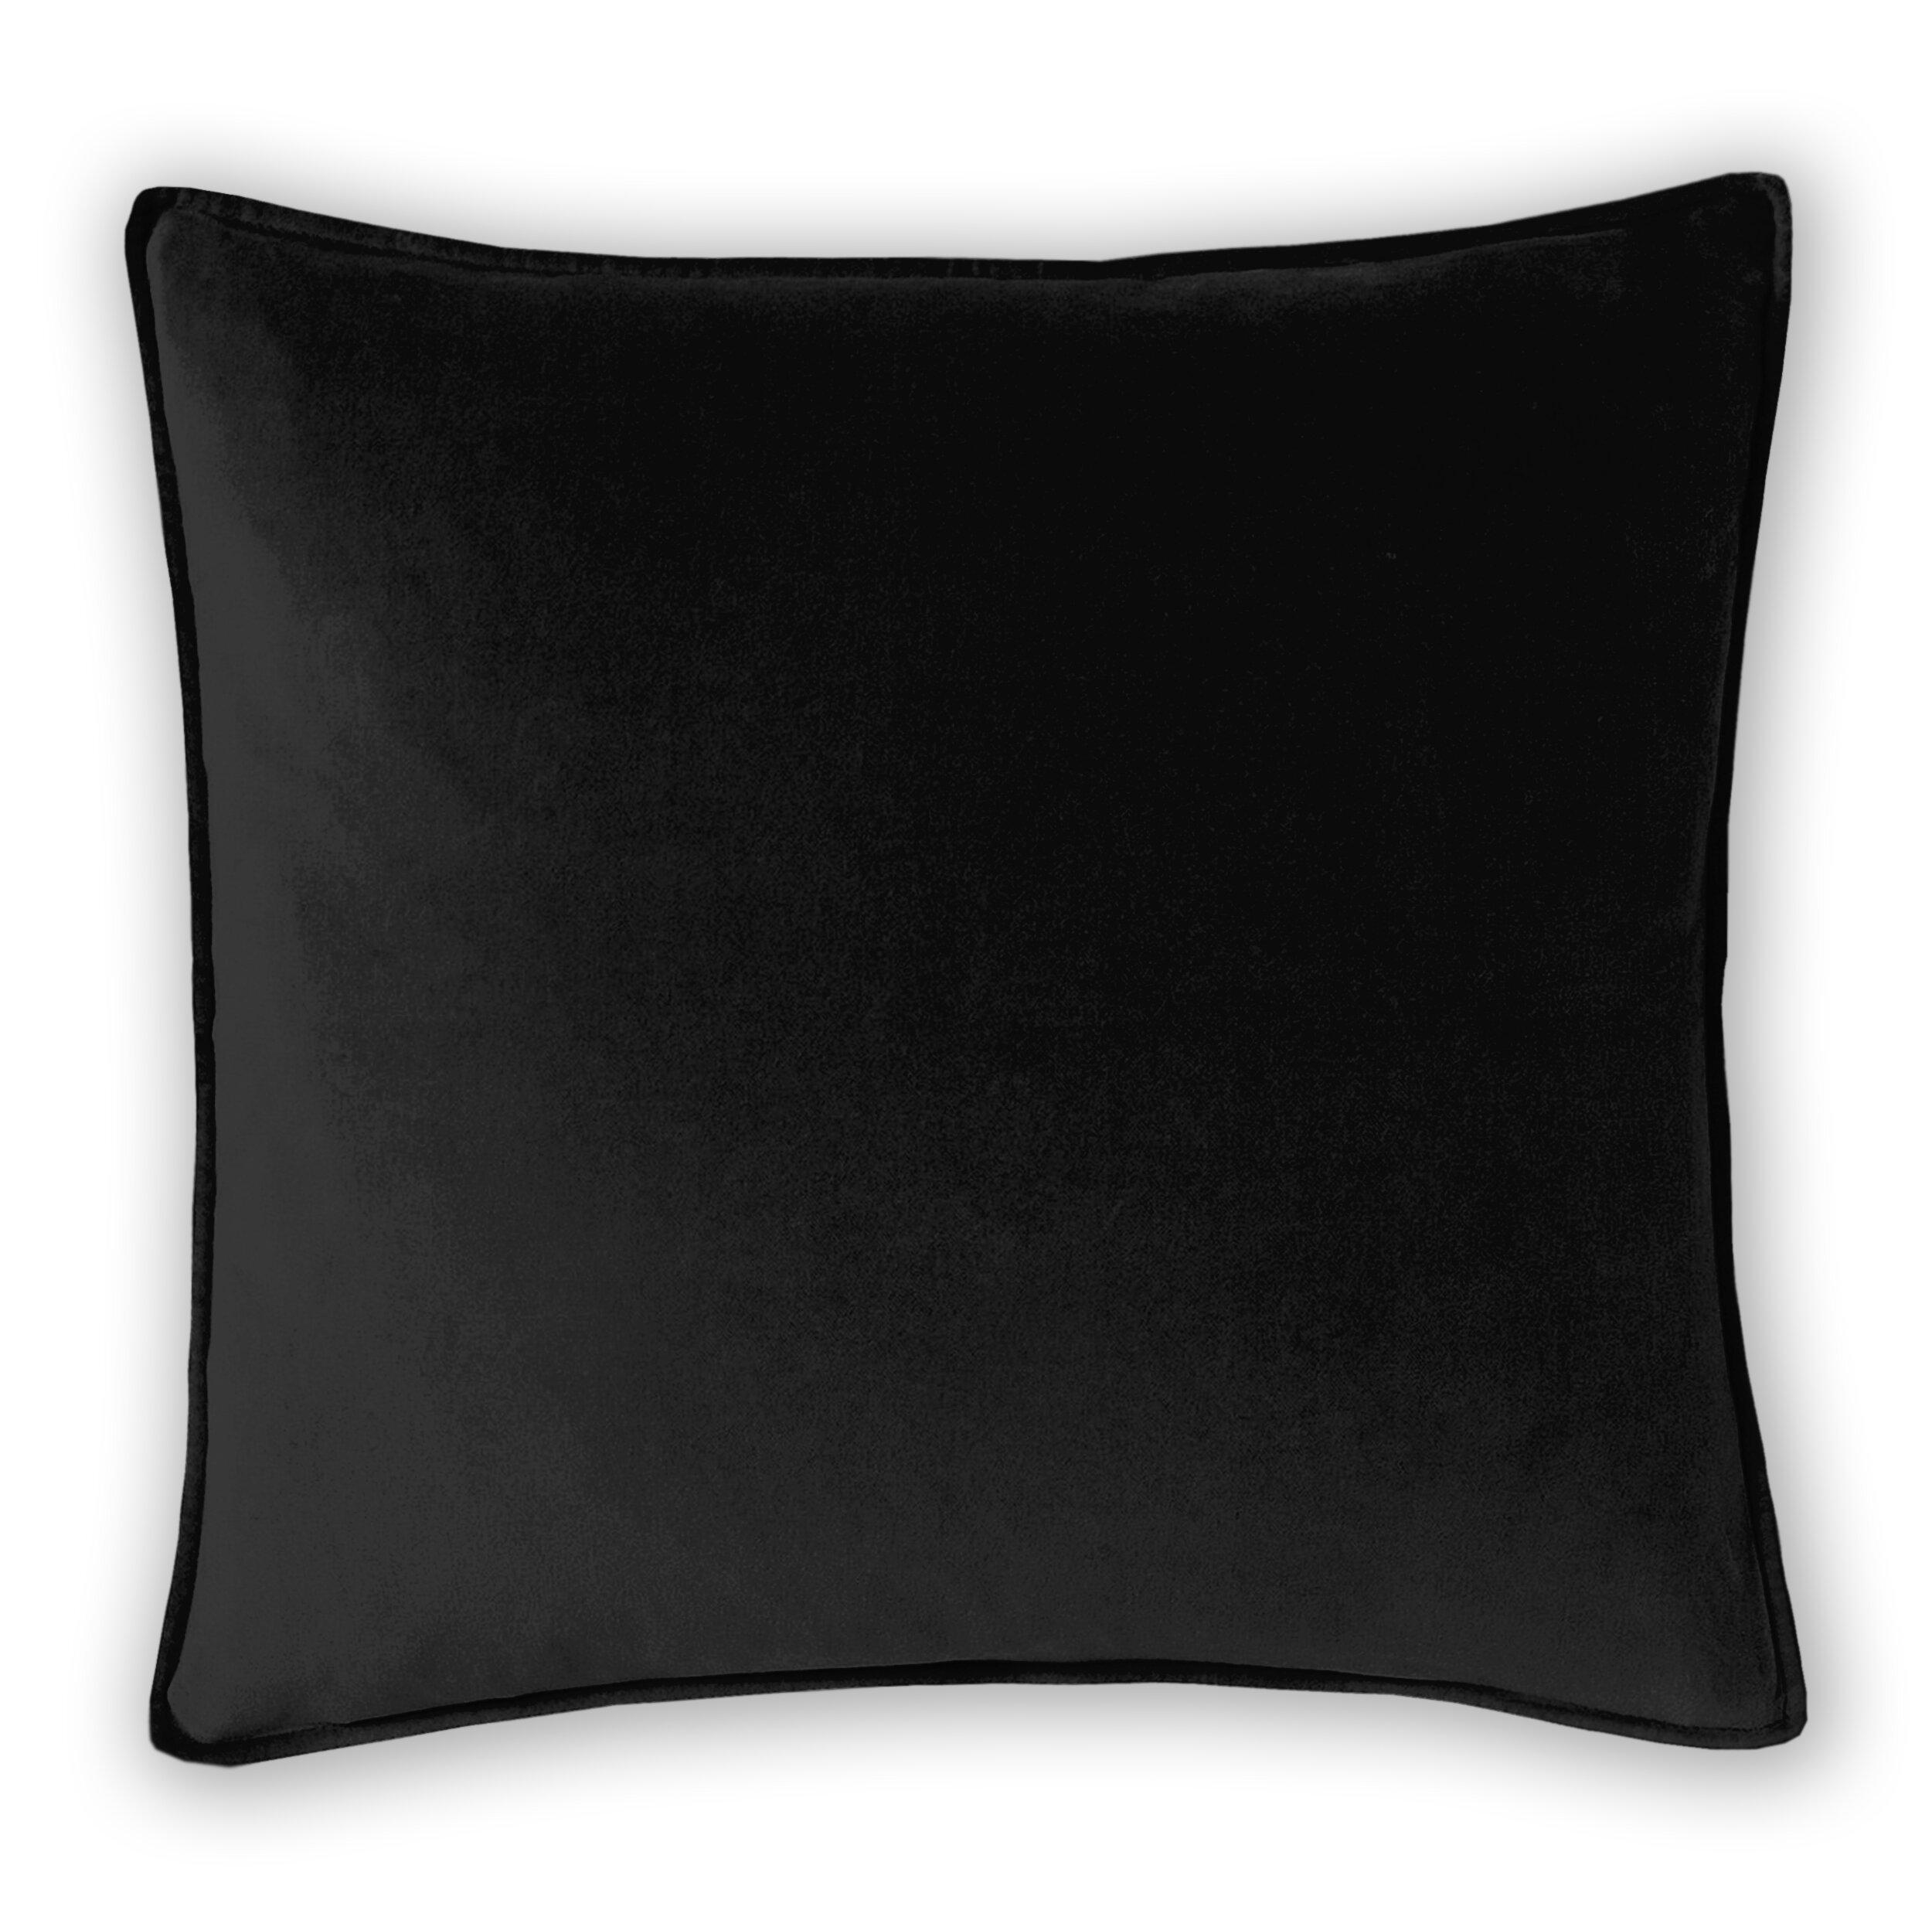 Box Edge Throw Pillows You Ll Love In 2021 Wayfair